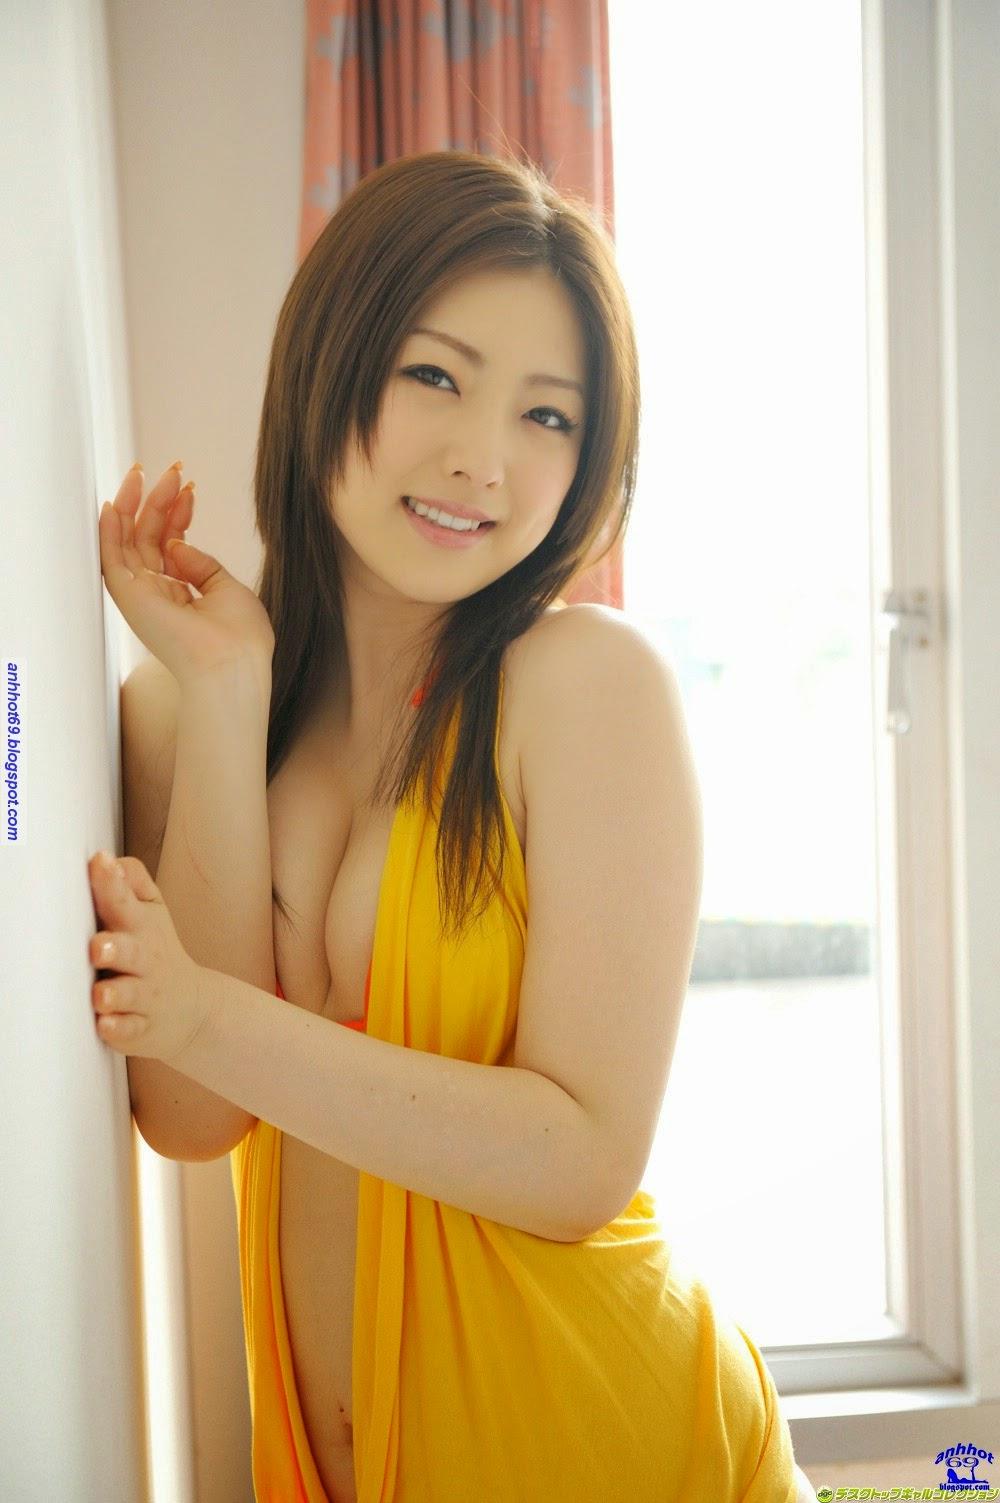 ai-haneda-01425220